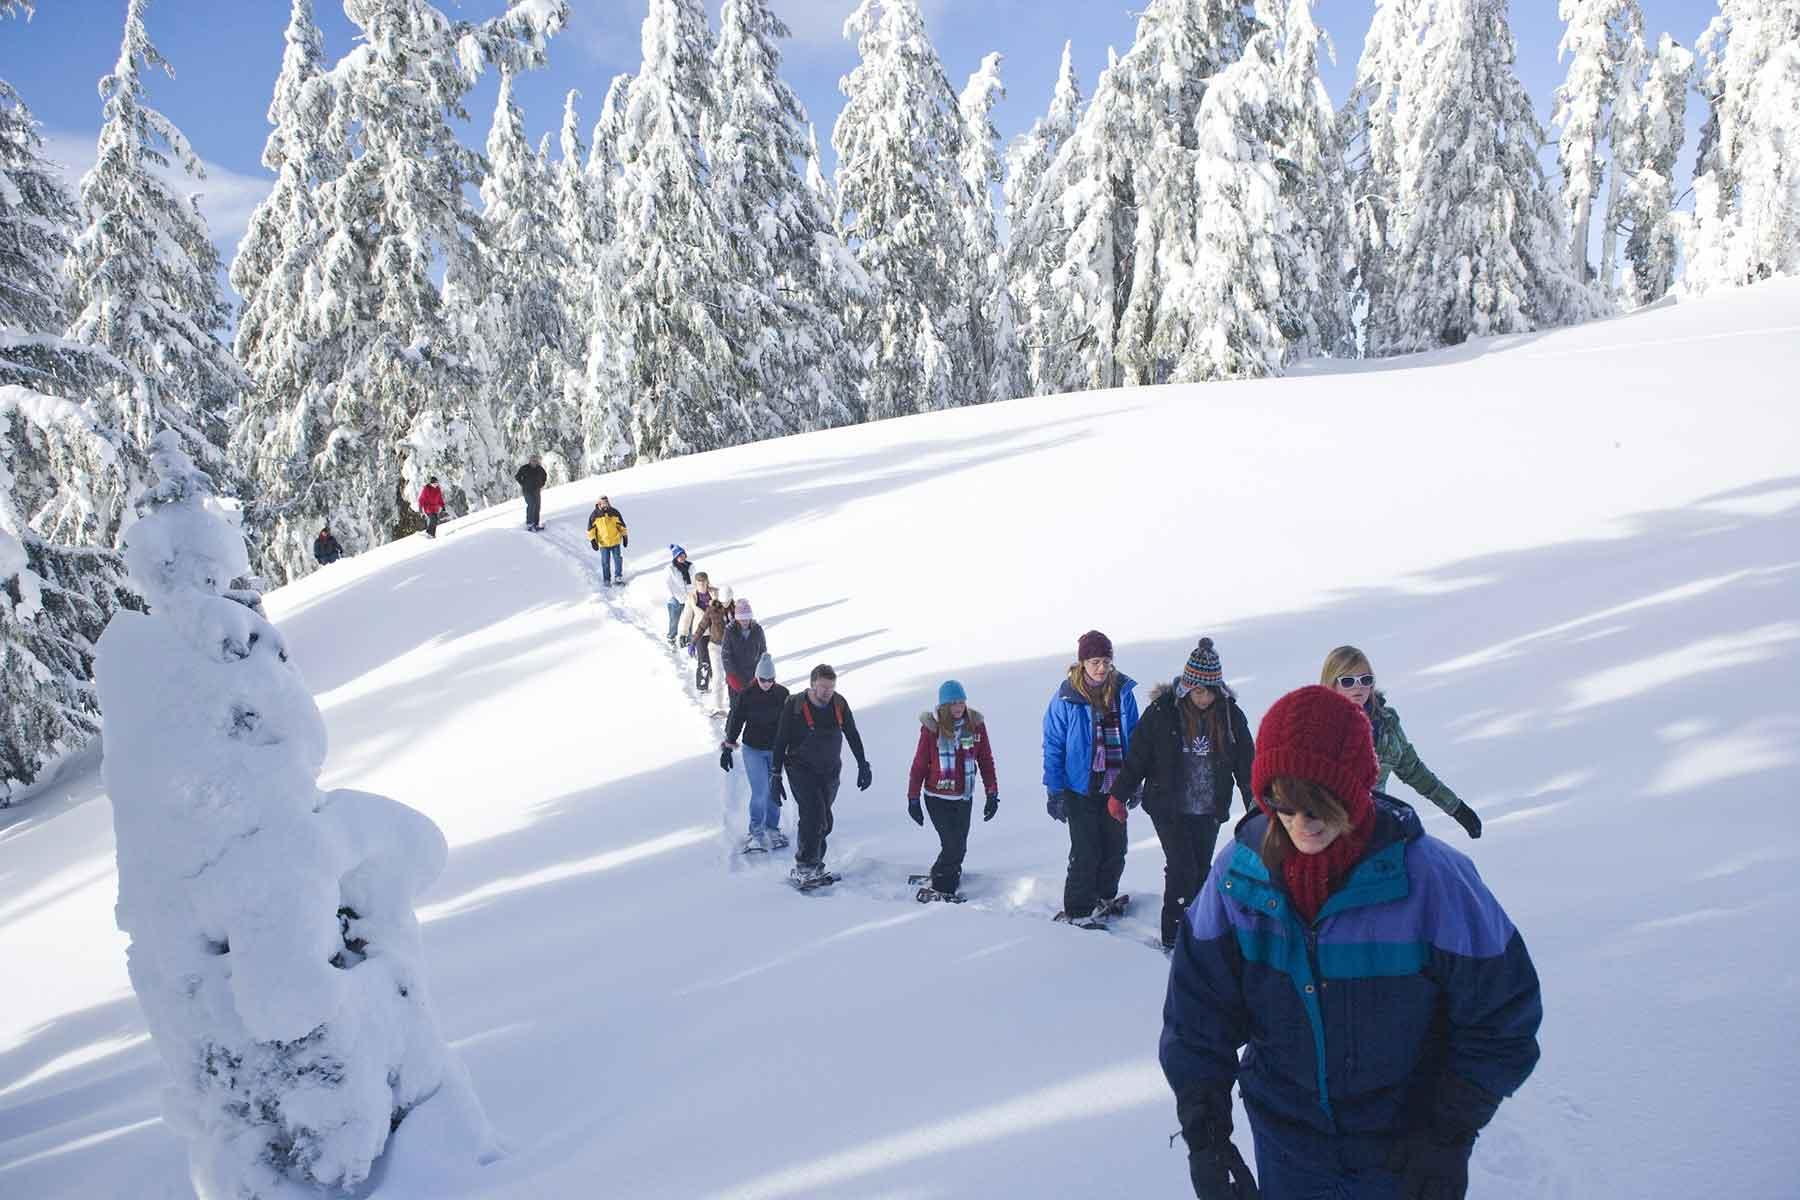 Schneeschuhwanderung im Last Minute Urlaub